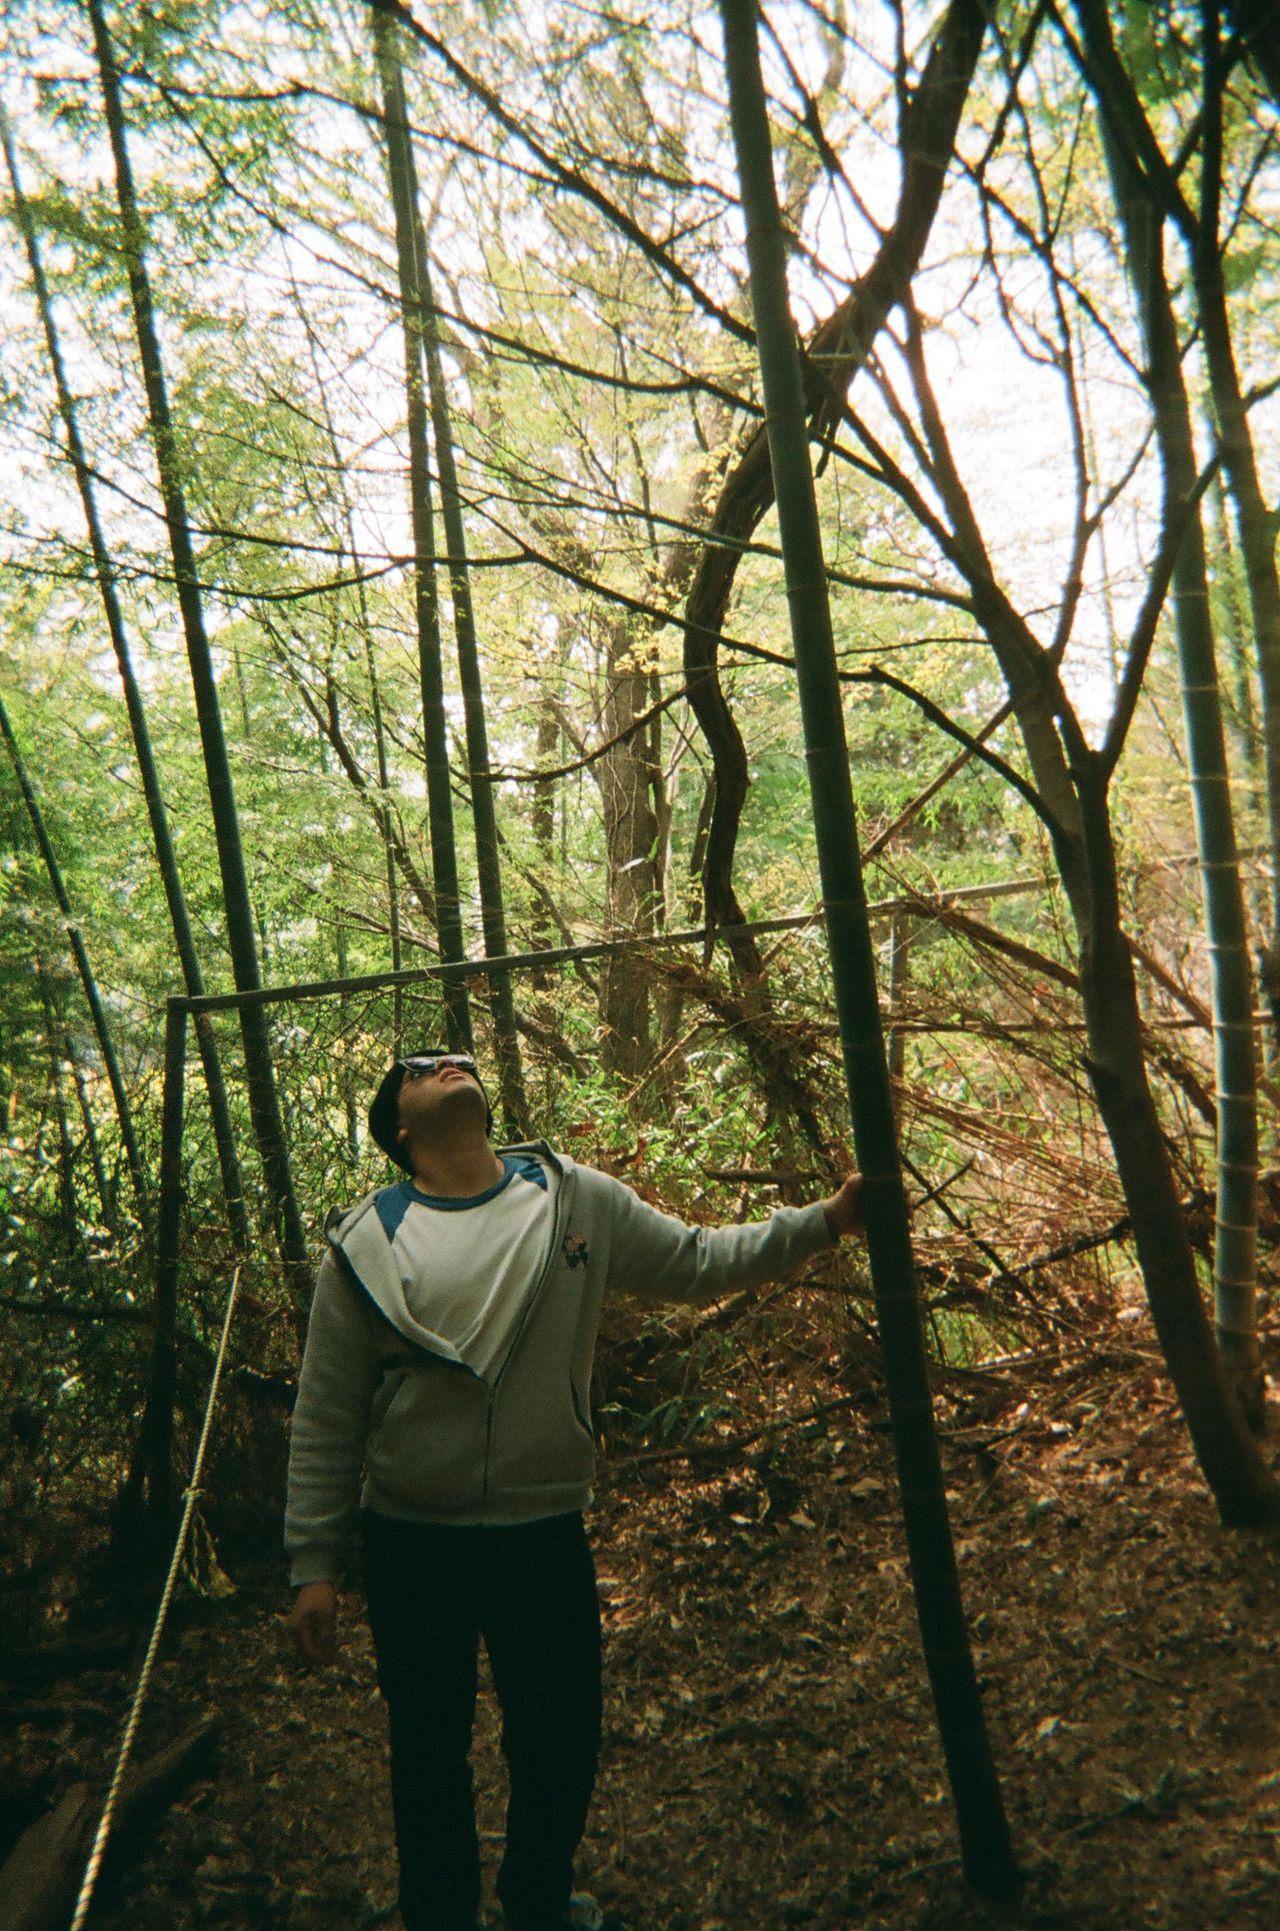 """""""대나무숲에서의 시간이 정말 즐거웠습니다. 나무 사이로 뛰어다니고, 동영상도 찍고요."""" - Nick"""